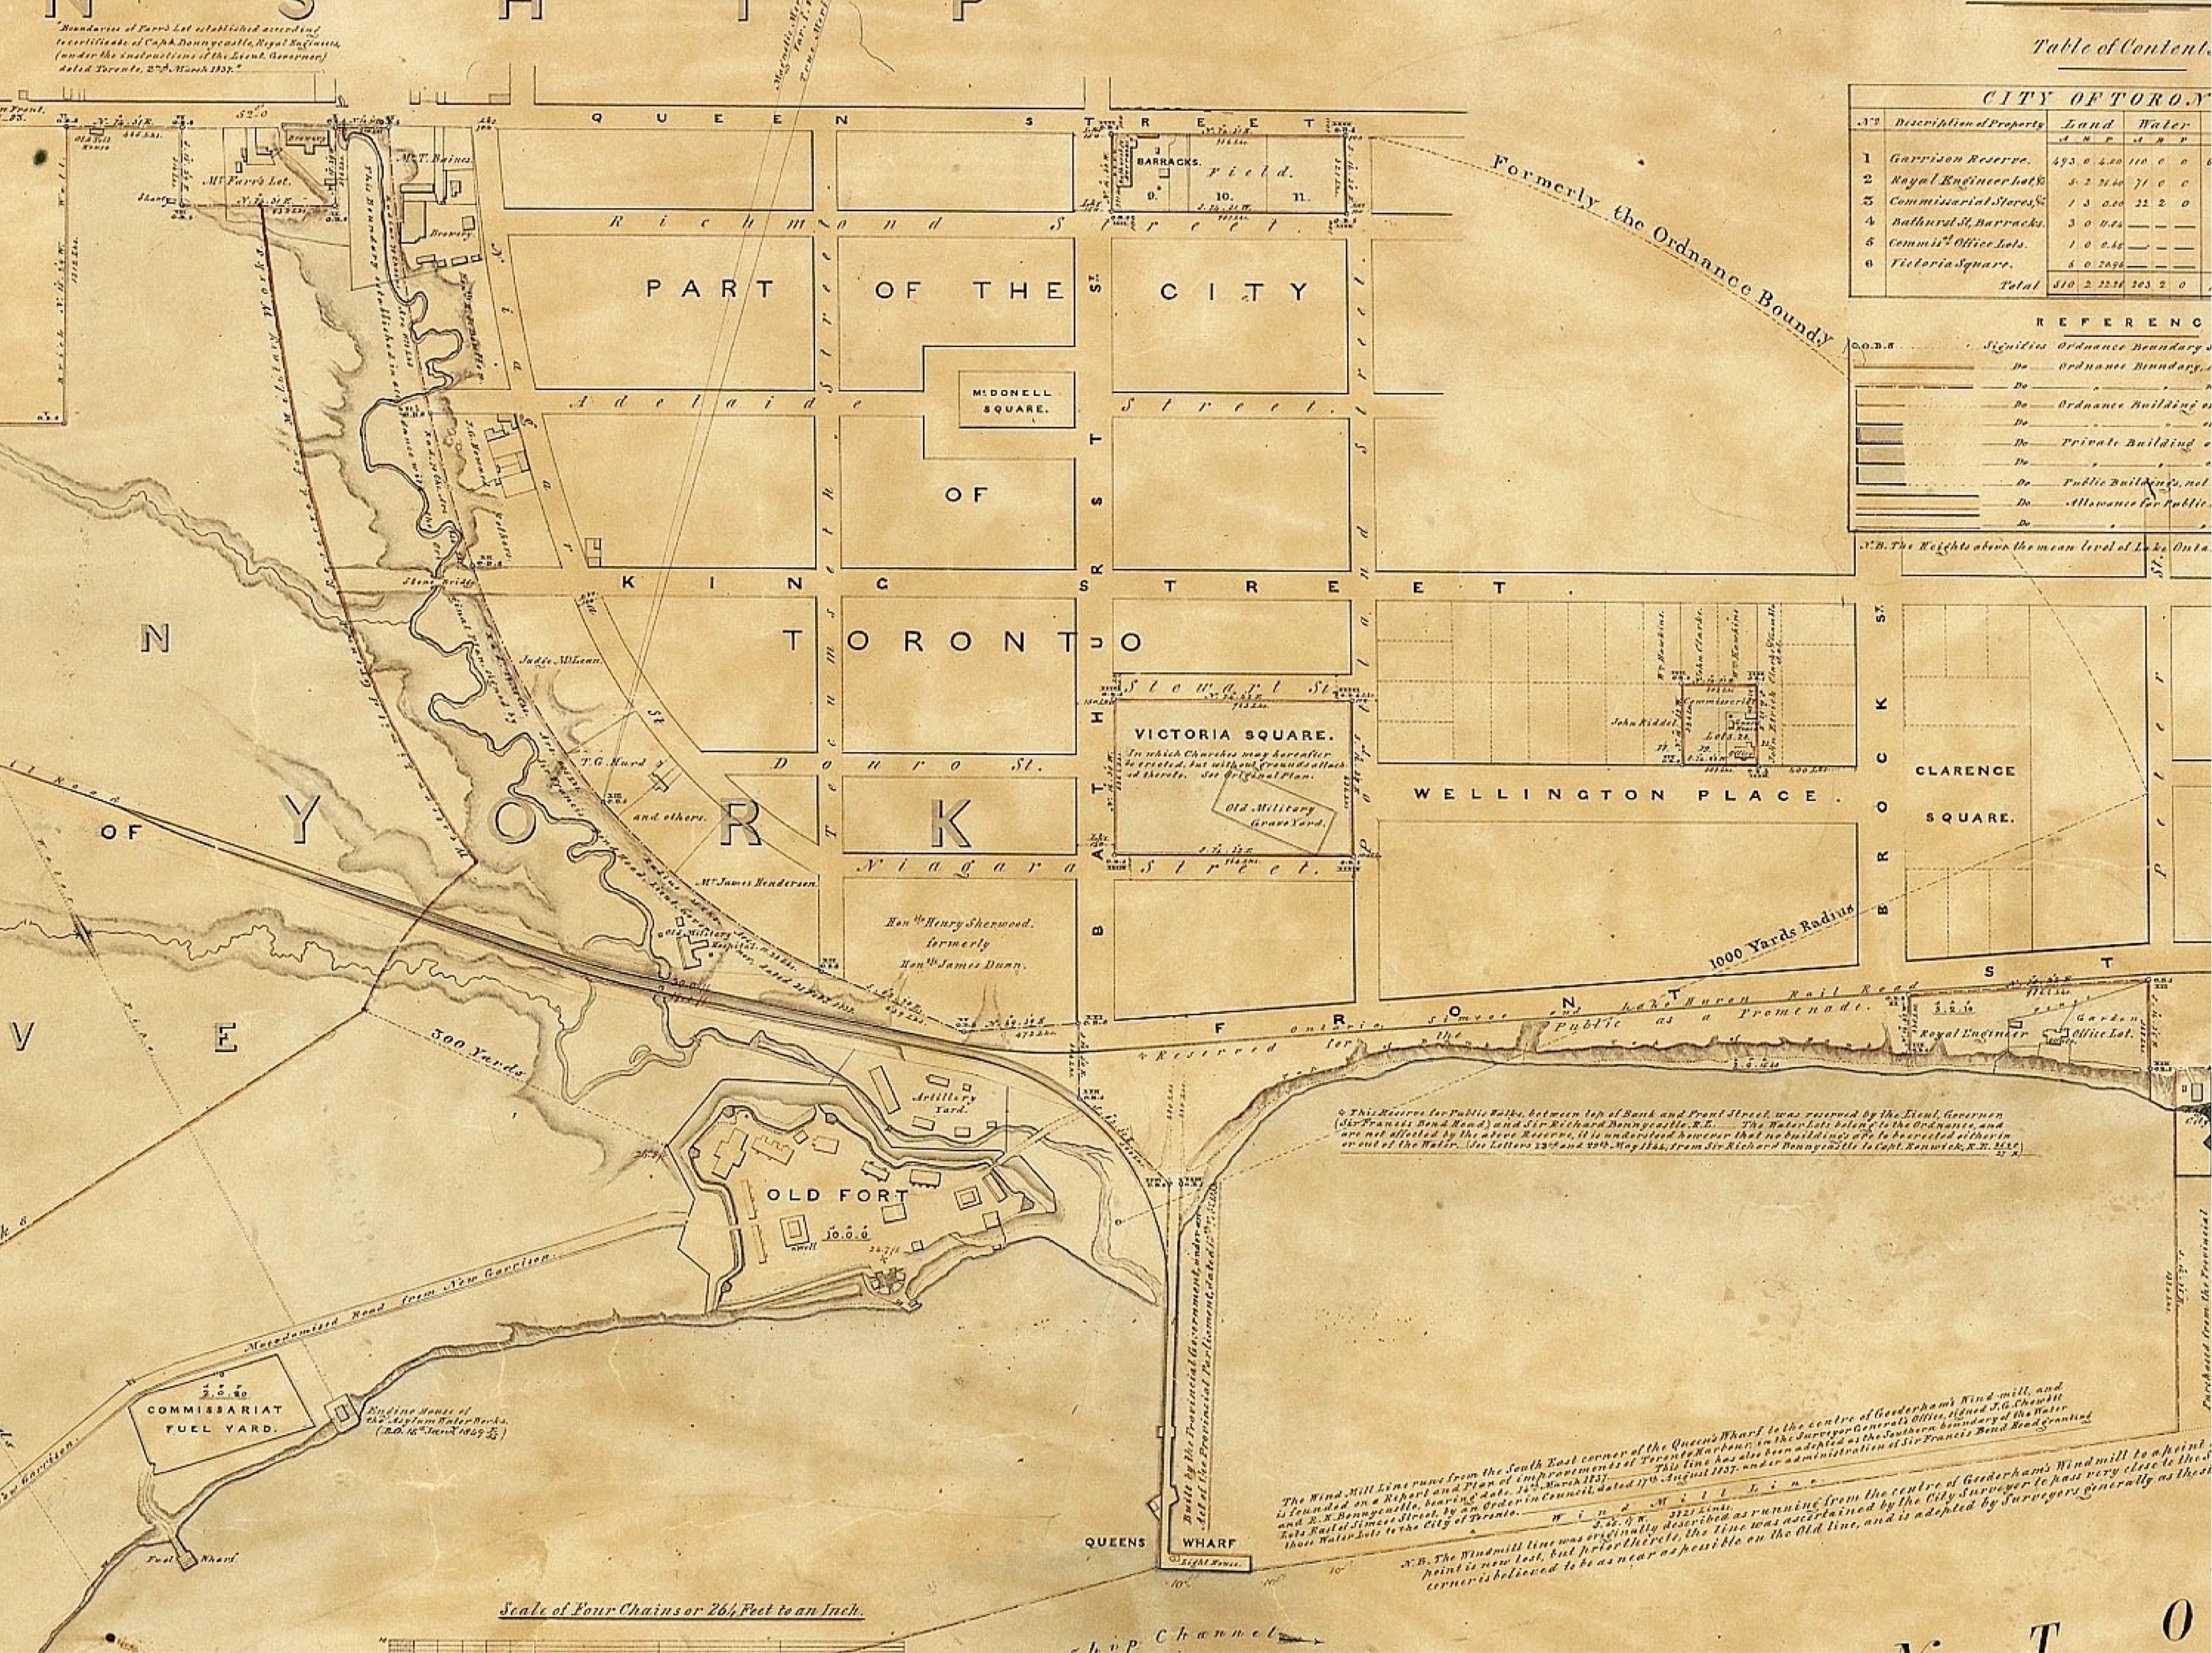 Queen Creek Subdivision Map